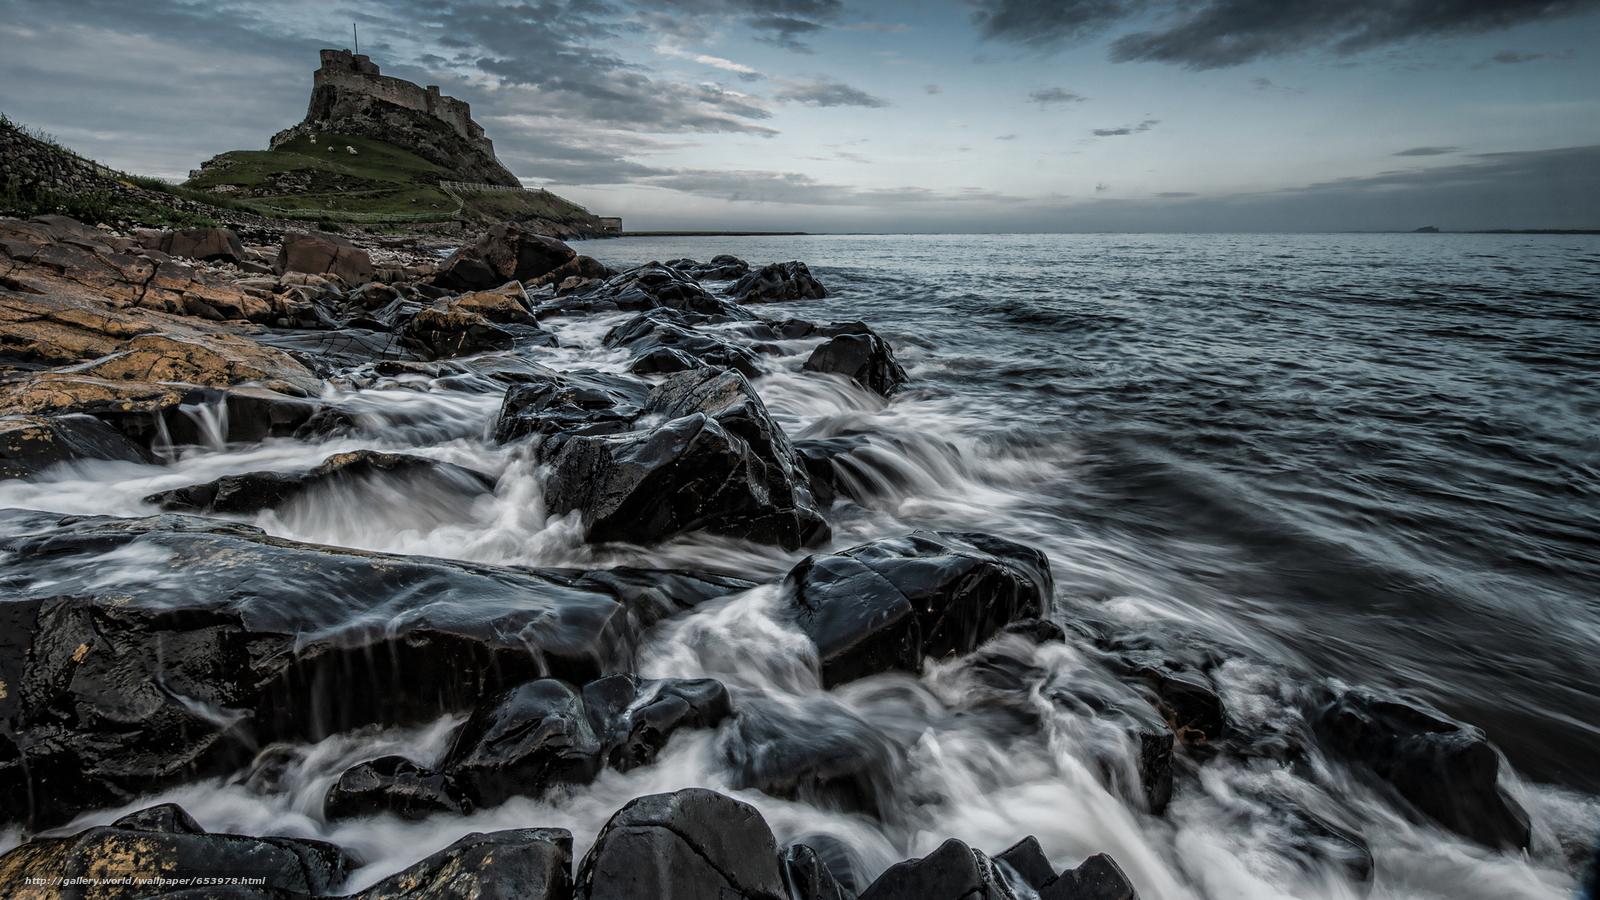 Скачать обои море,  океан,  водоем,  камни бесплатно для рабочего стола в разрешении 2048x1152 — картинка №653978